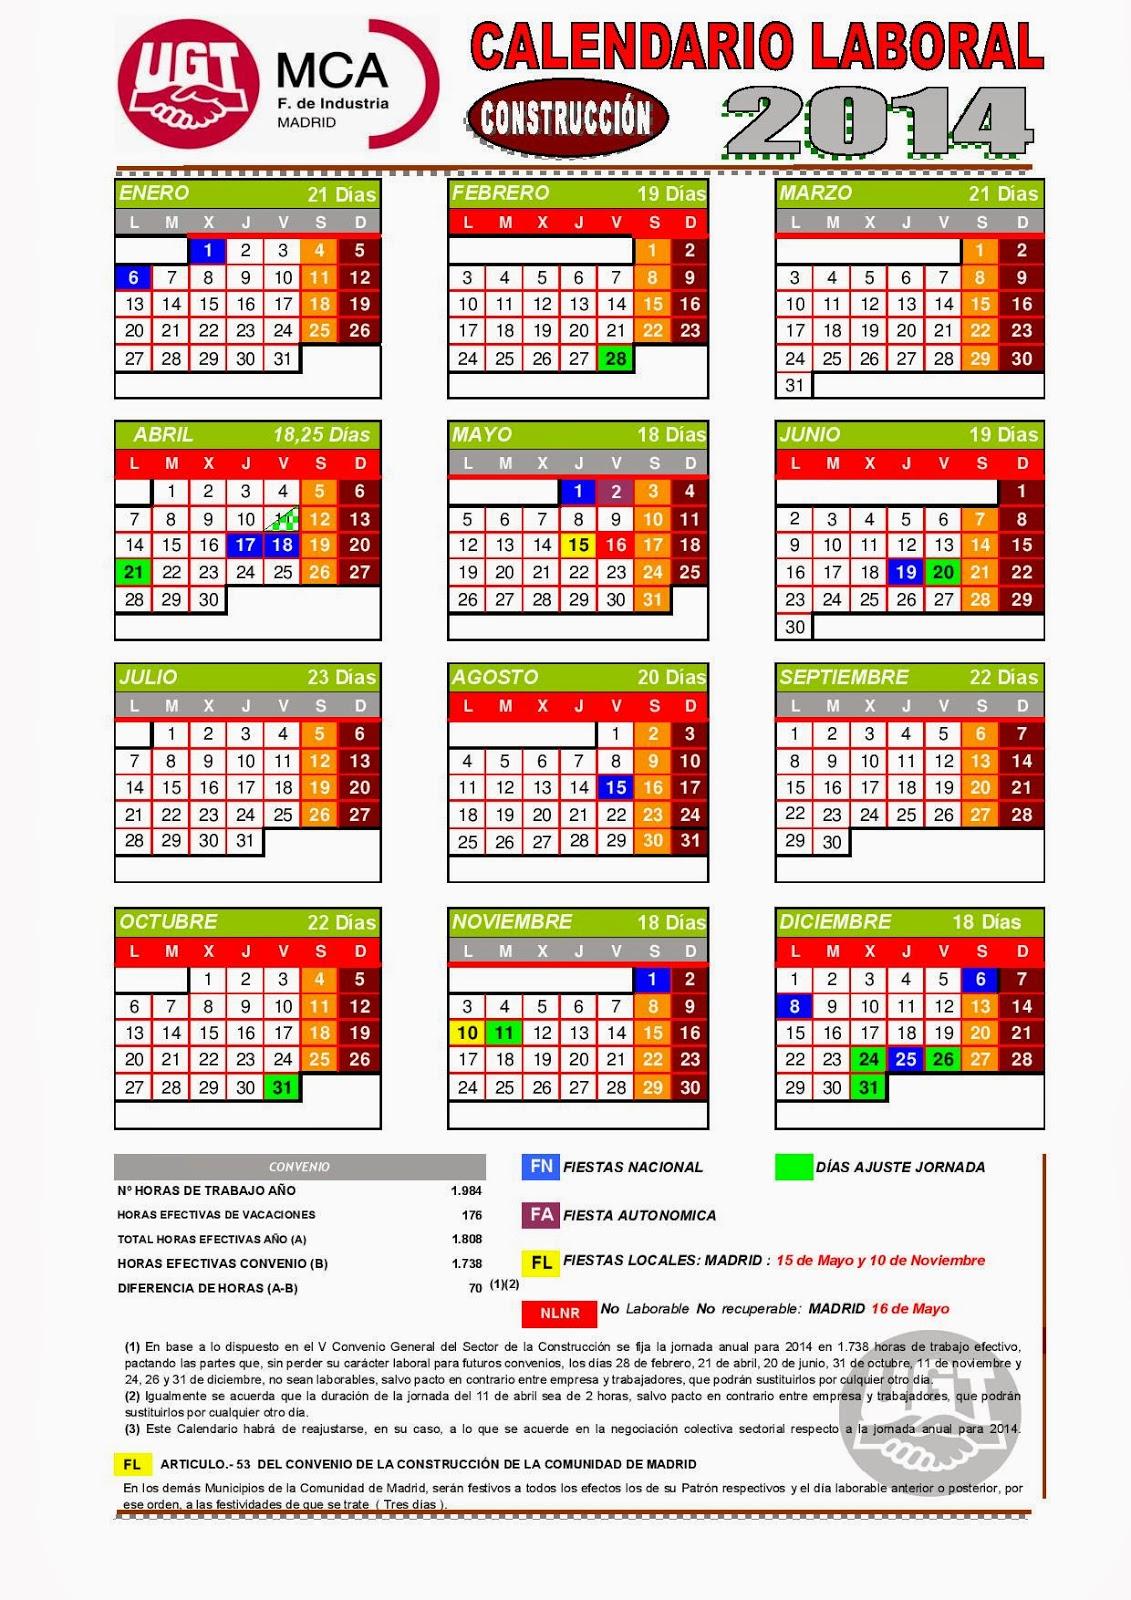 Comit acciona centro calendario laboral 2014 construcci n - Empresas de construccion madrid ...